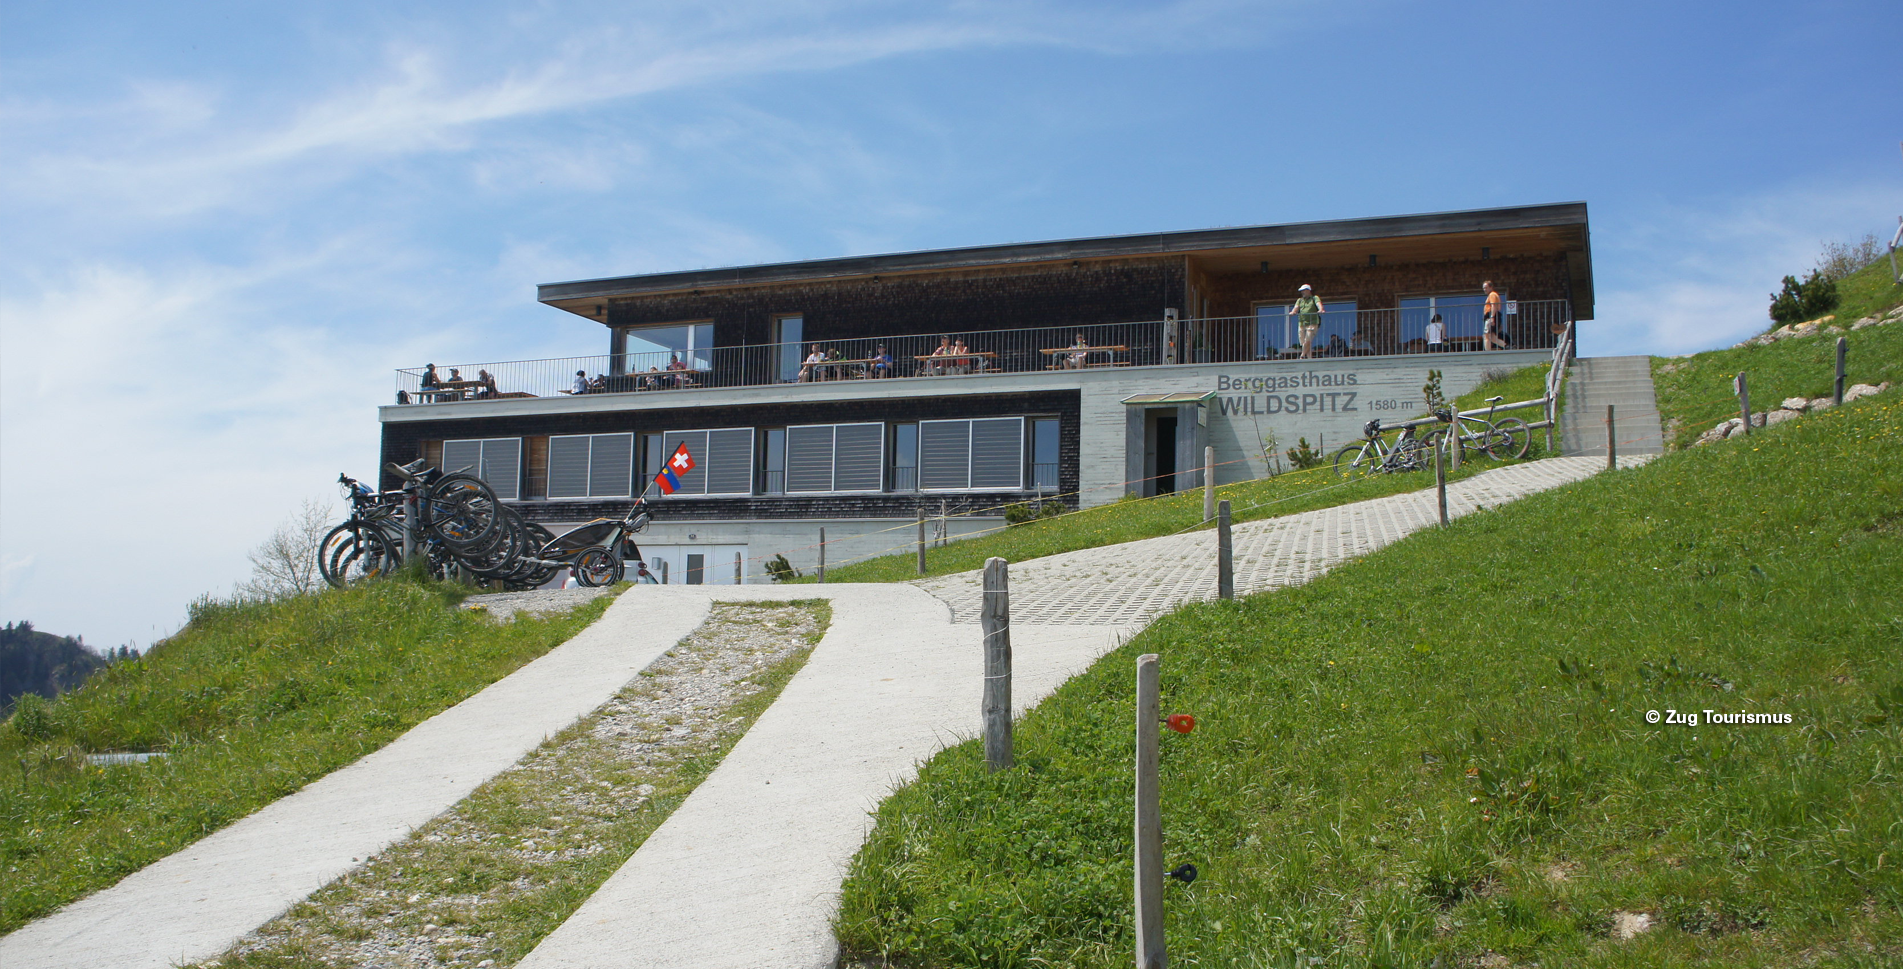 Wanderung von Sattel–Ägeri via Alpwirtschaft Halsegg auf den Wildspitz, dem höchsten Punkt im Kanton Zug und weiter via Gnipen (Goldauer Bergsturz), Spitzbühlalp, Ochsenboden nach Arth-Goldau